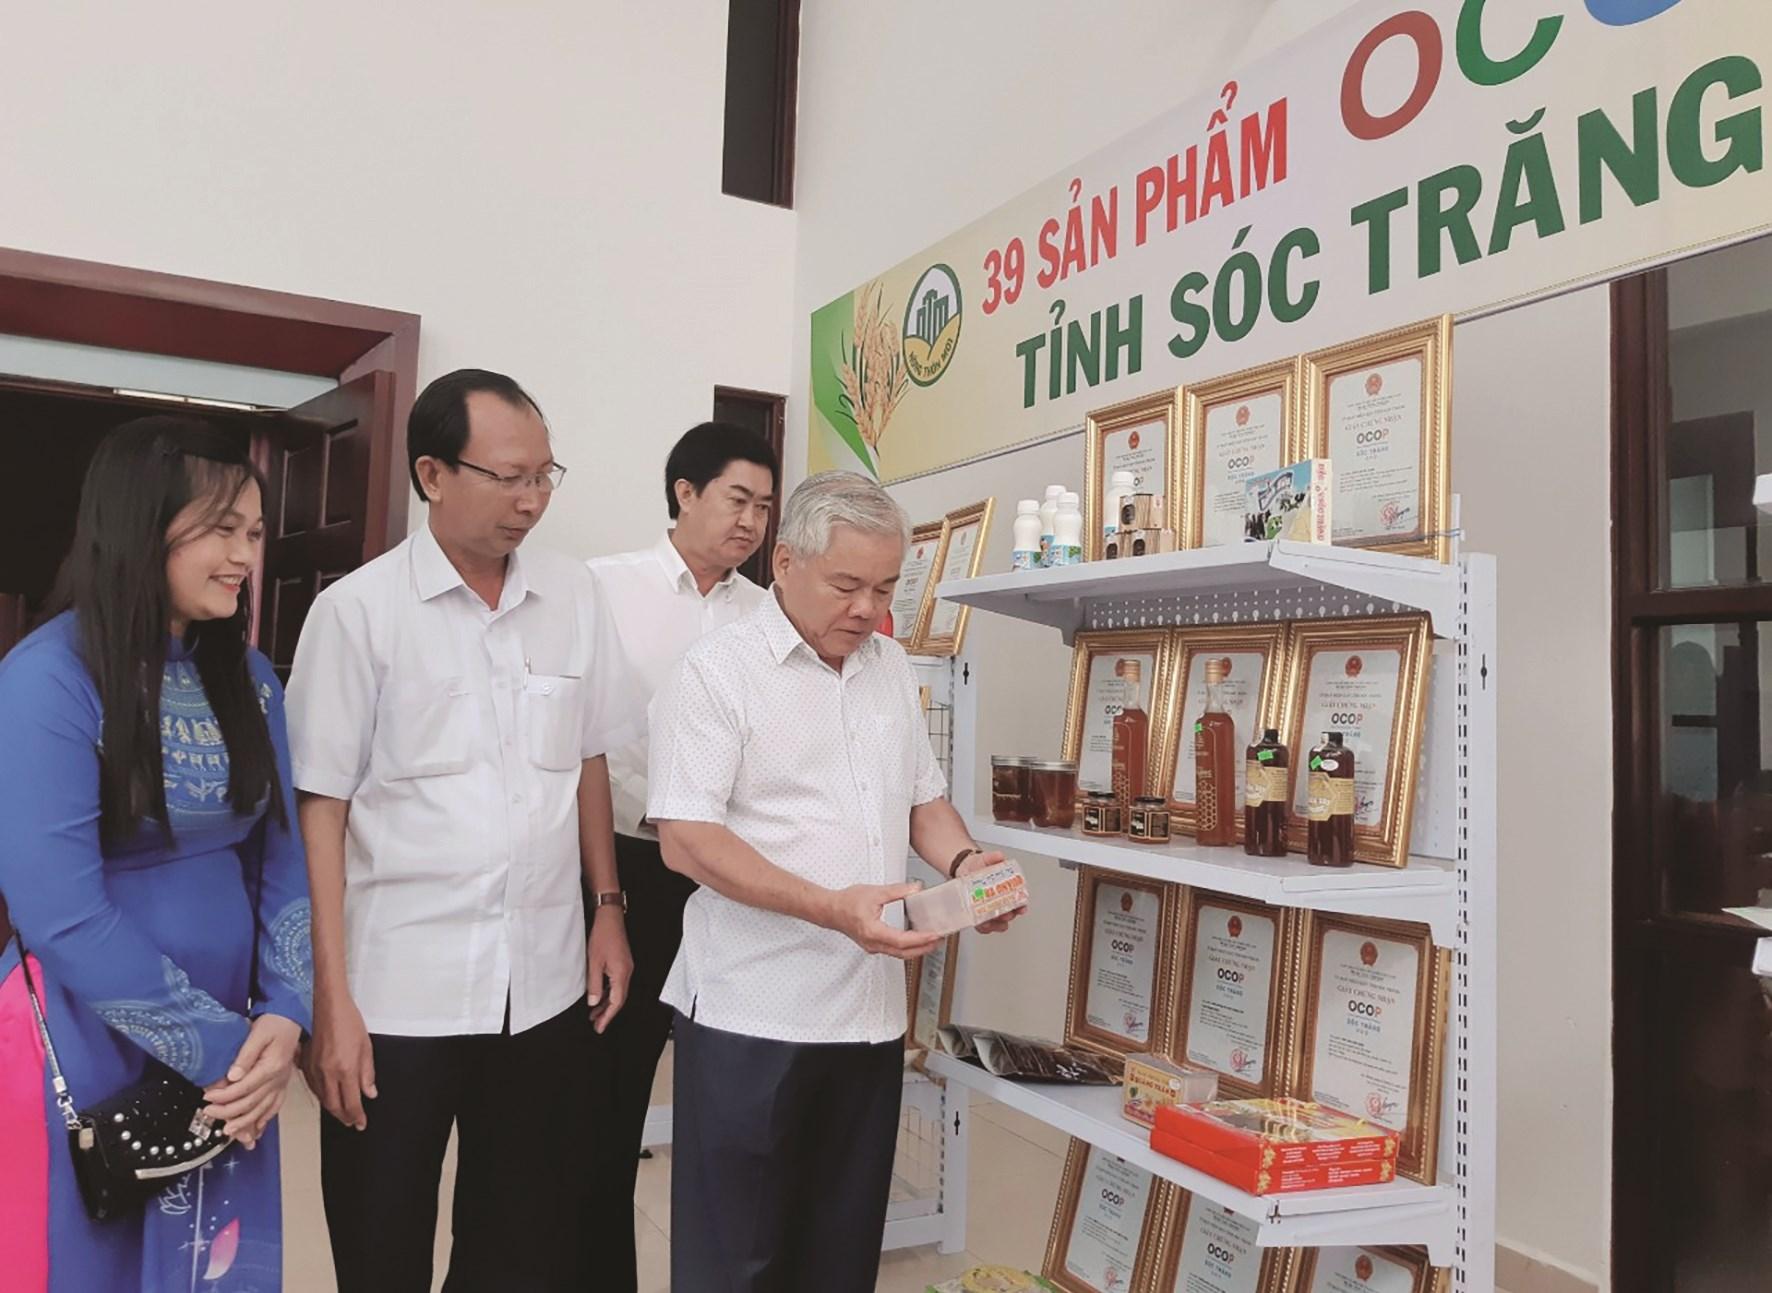 Sản phẩm OCOP của Sóc Trăng đã khẳng định được thương hiệu.